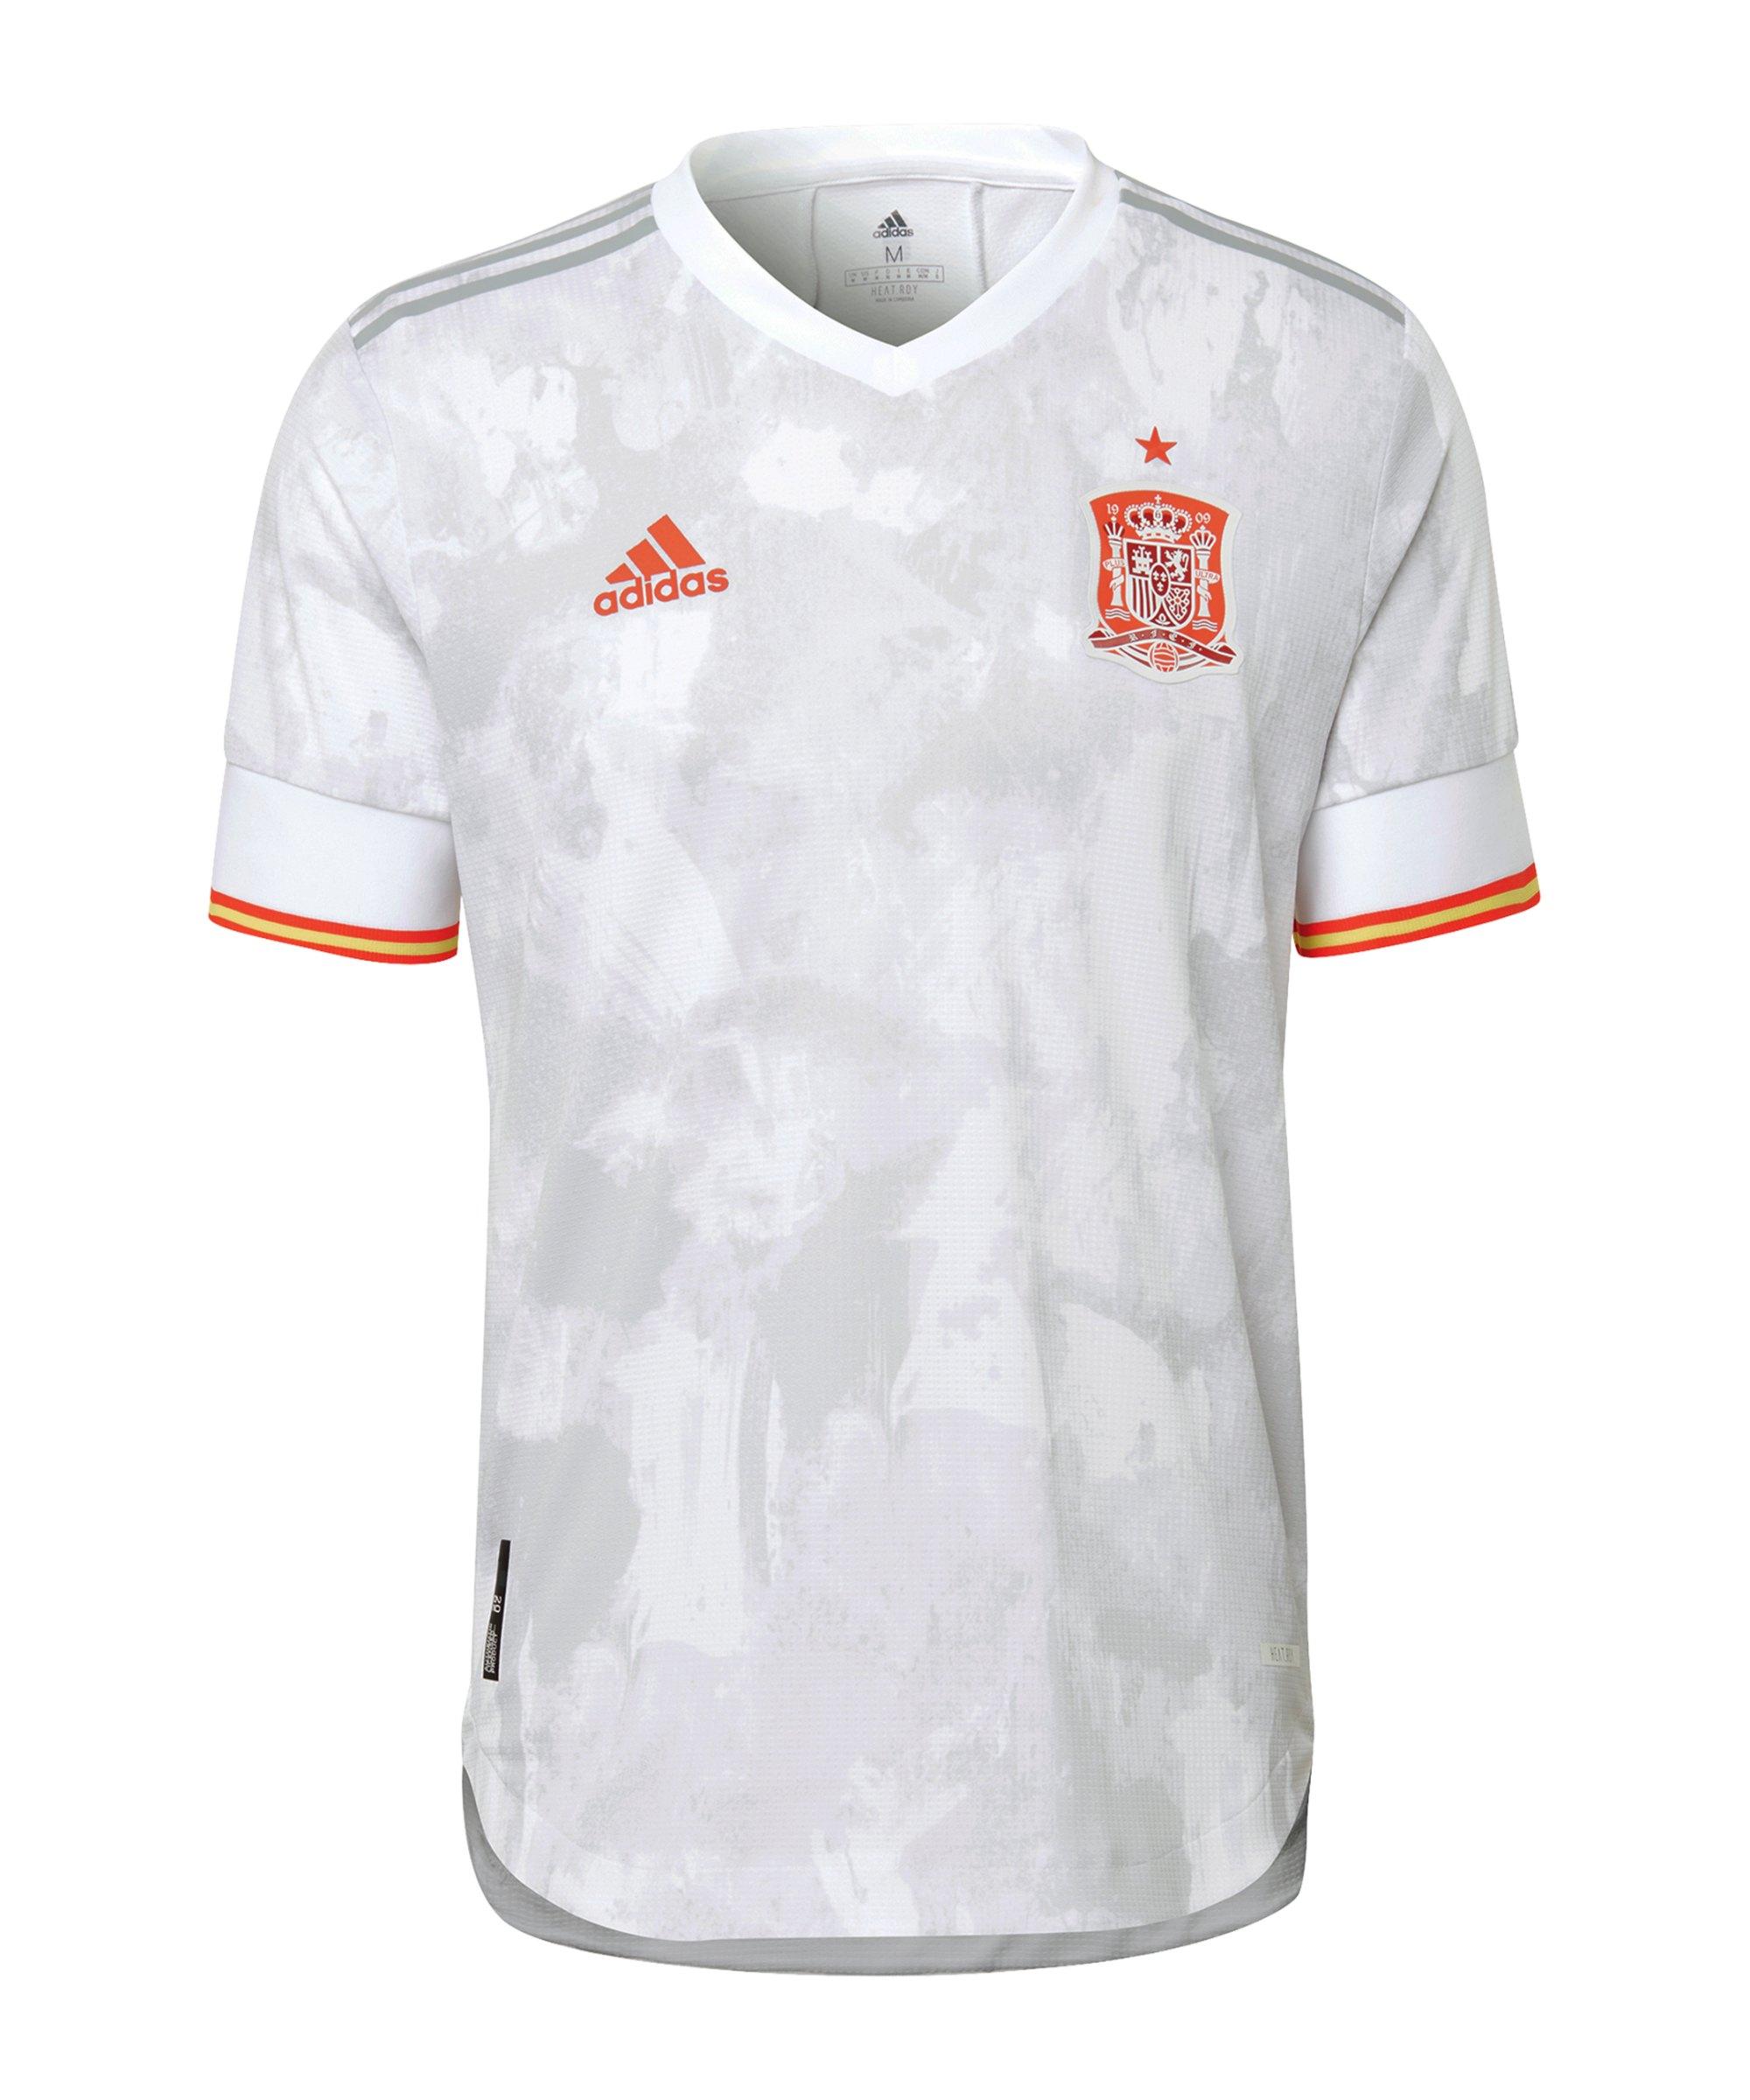 adidas Spanien Auth. Trikot Away EM 2020 Weiss - weiss